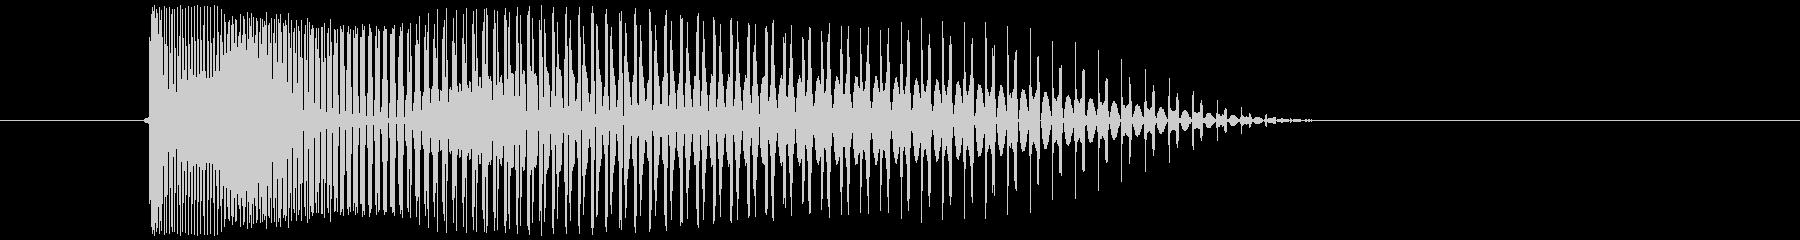 シューティングゲーム_弾_発射音2の未再生の波形